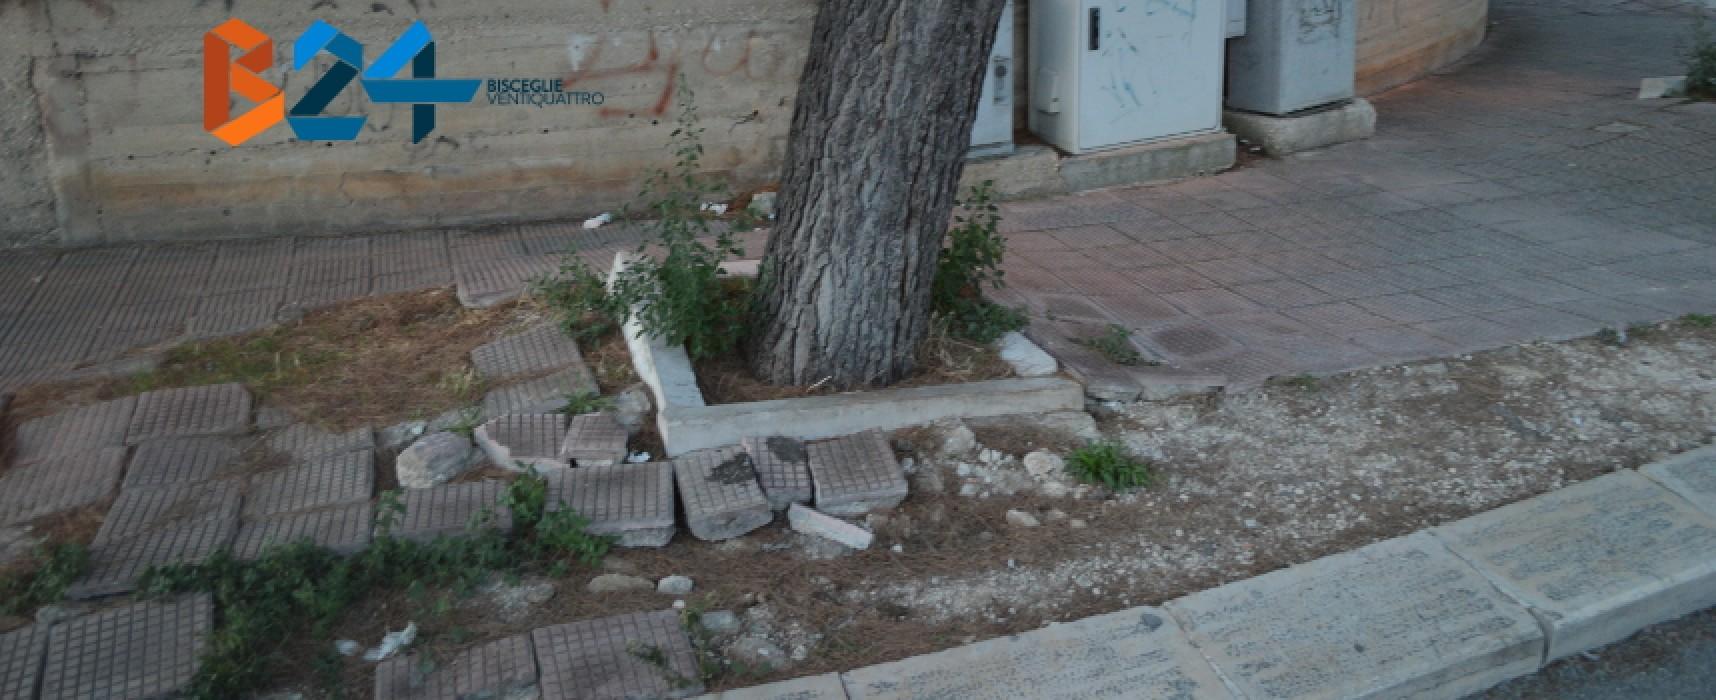 Via degli Artigiani e Cala dell'Arciprete: marciapiedi e manto stradale come montagne russe / FOTO